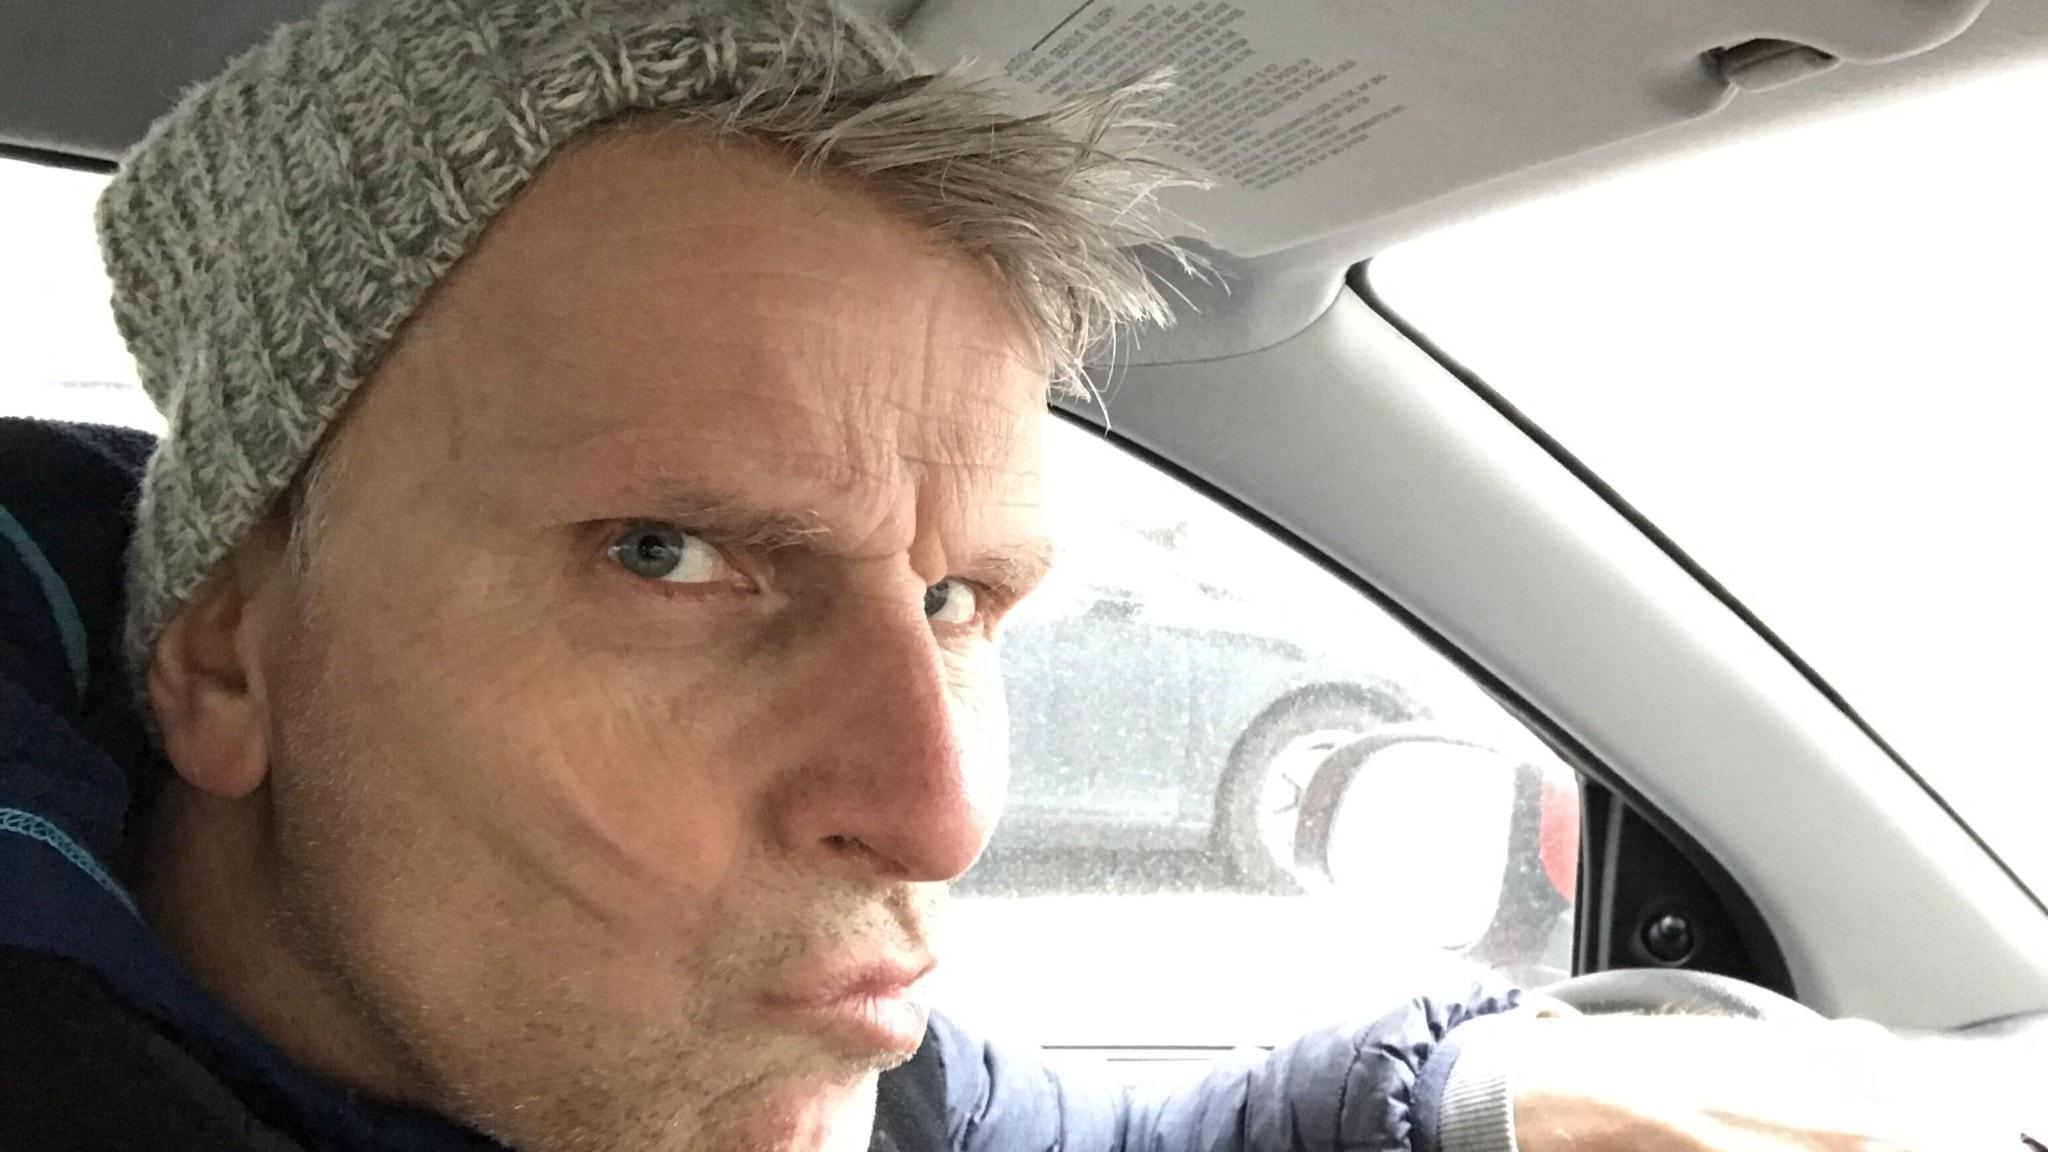 Programledare Christian Olsson ser bekymmersam ut